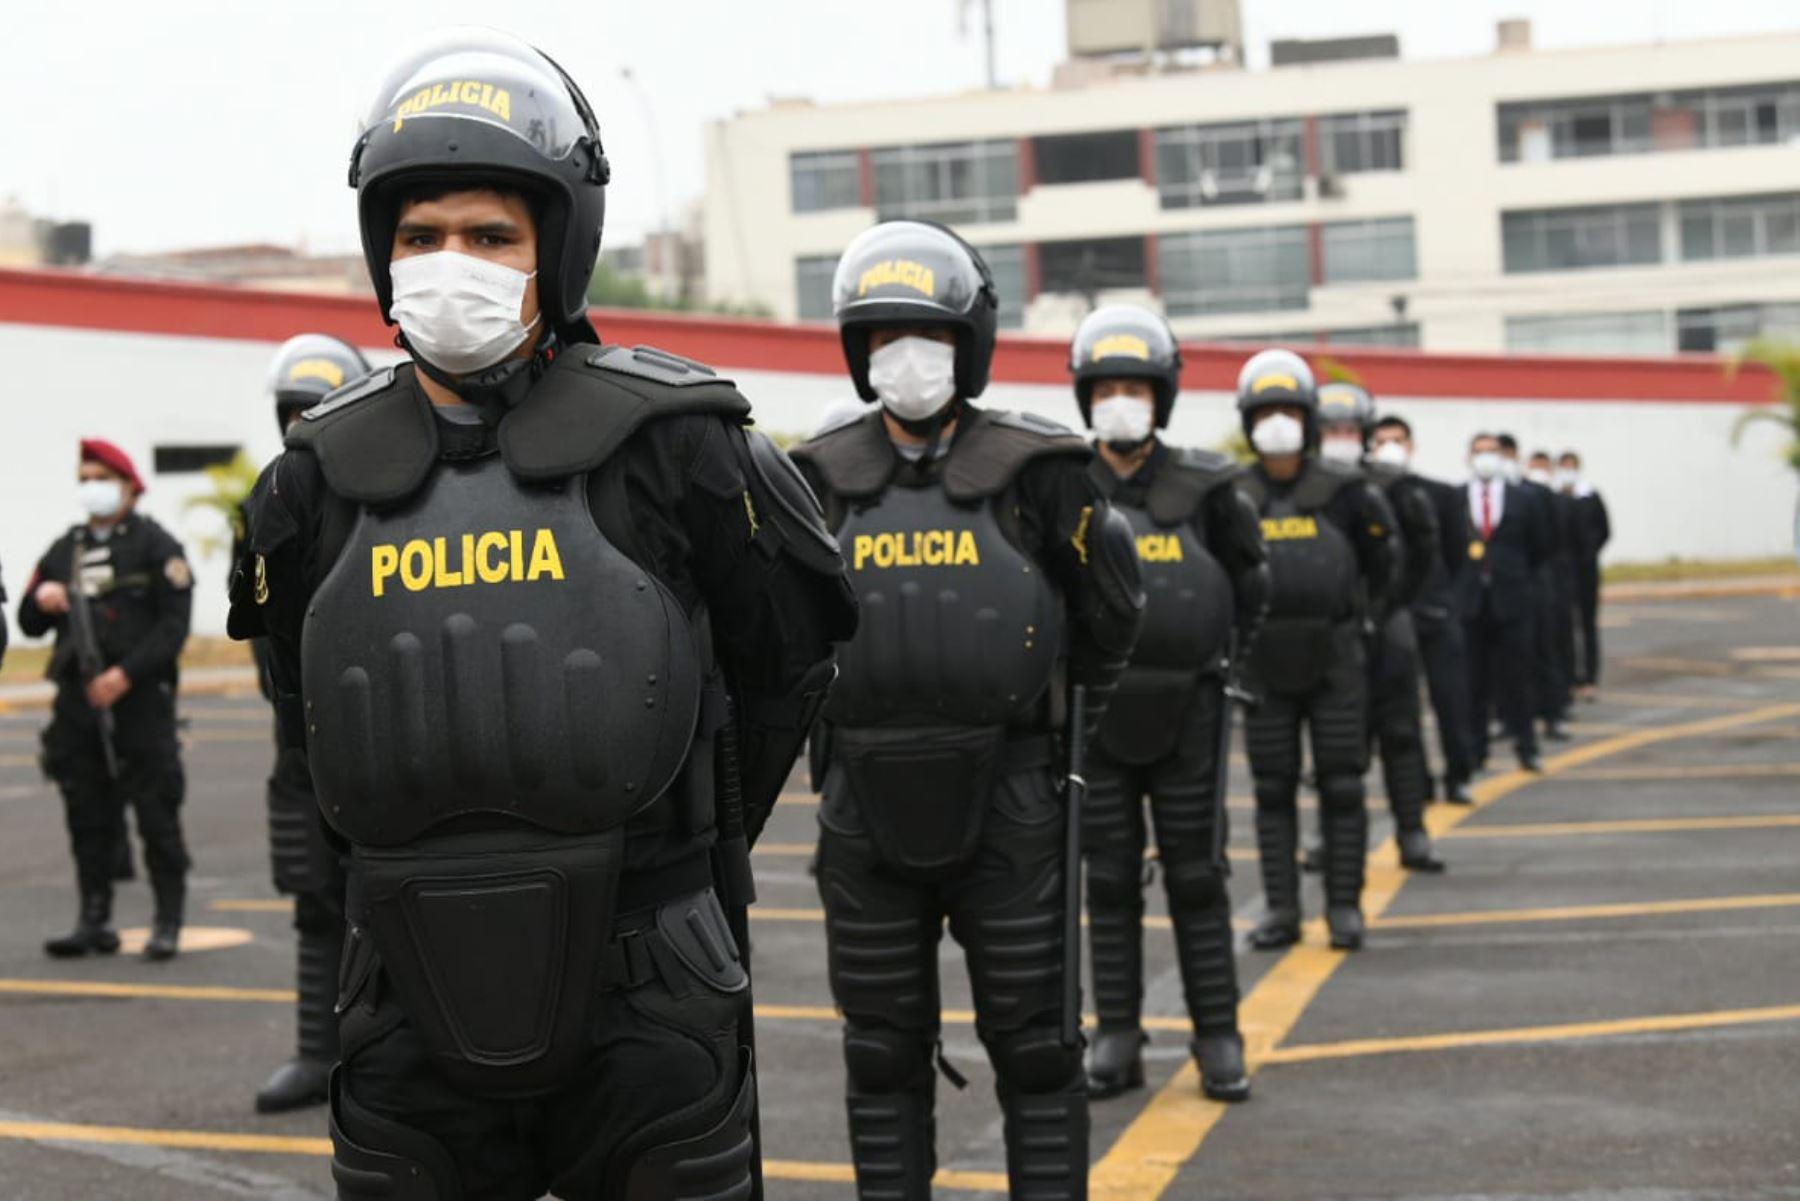 Propuestas para una auténtica y urgente reforma policial